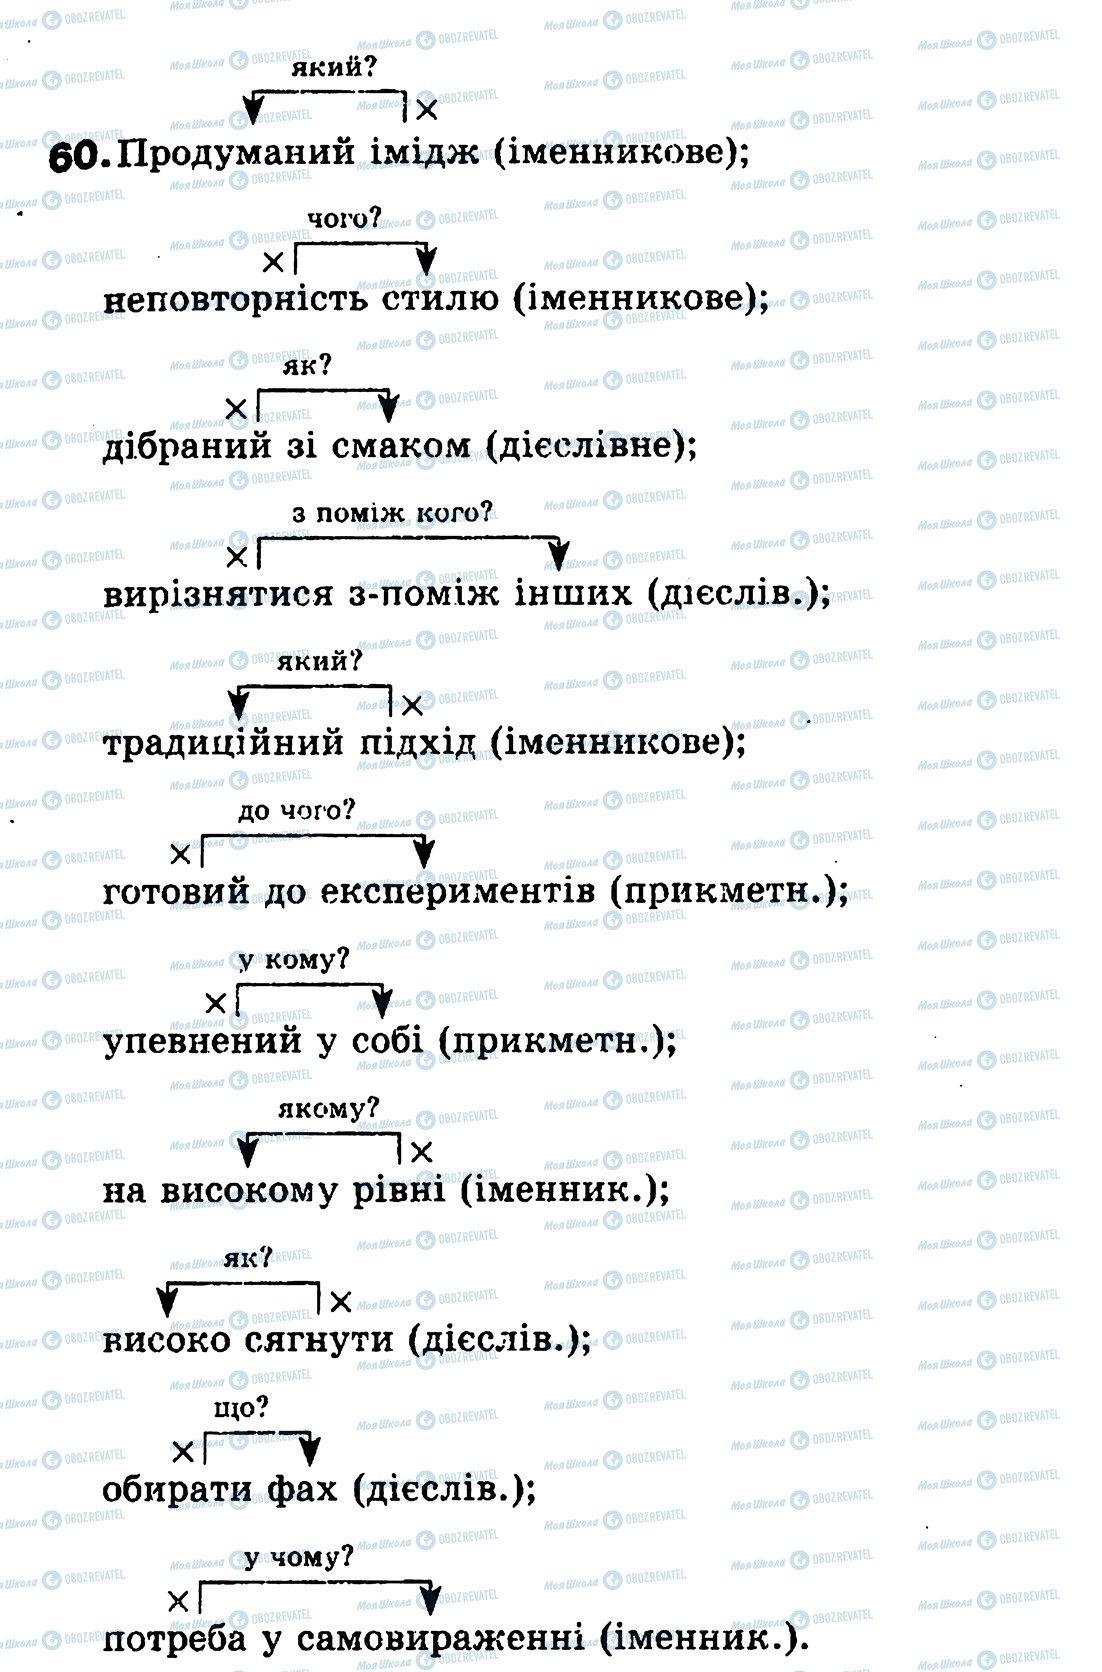 ГДЗ Українська мова 8 клас сторінка 60